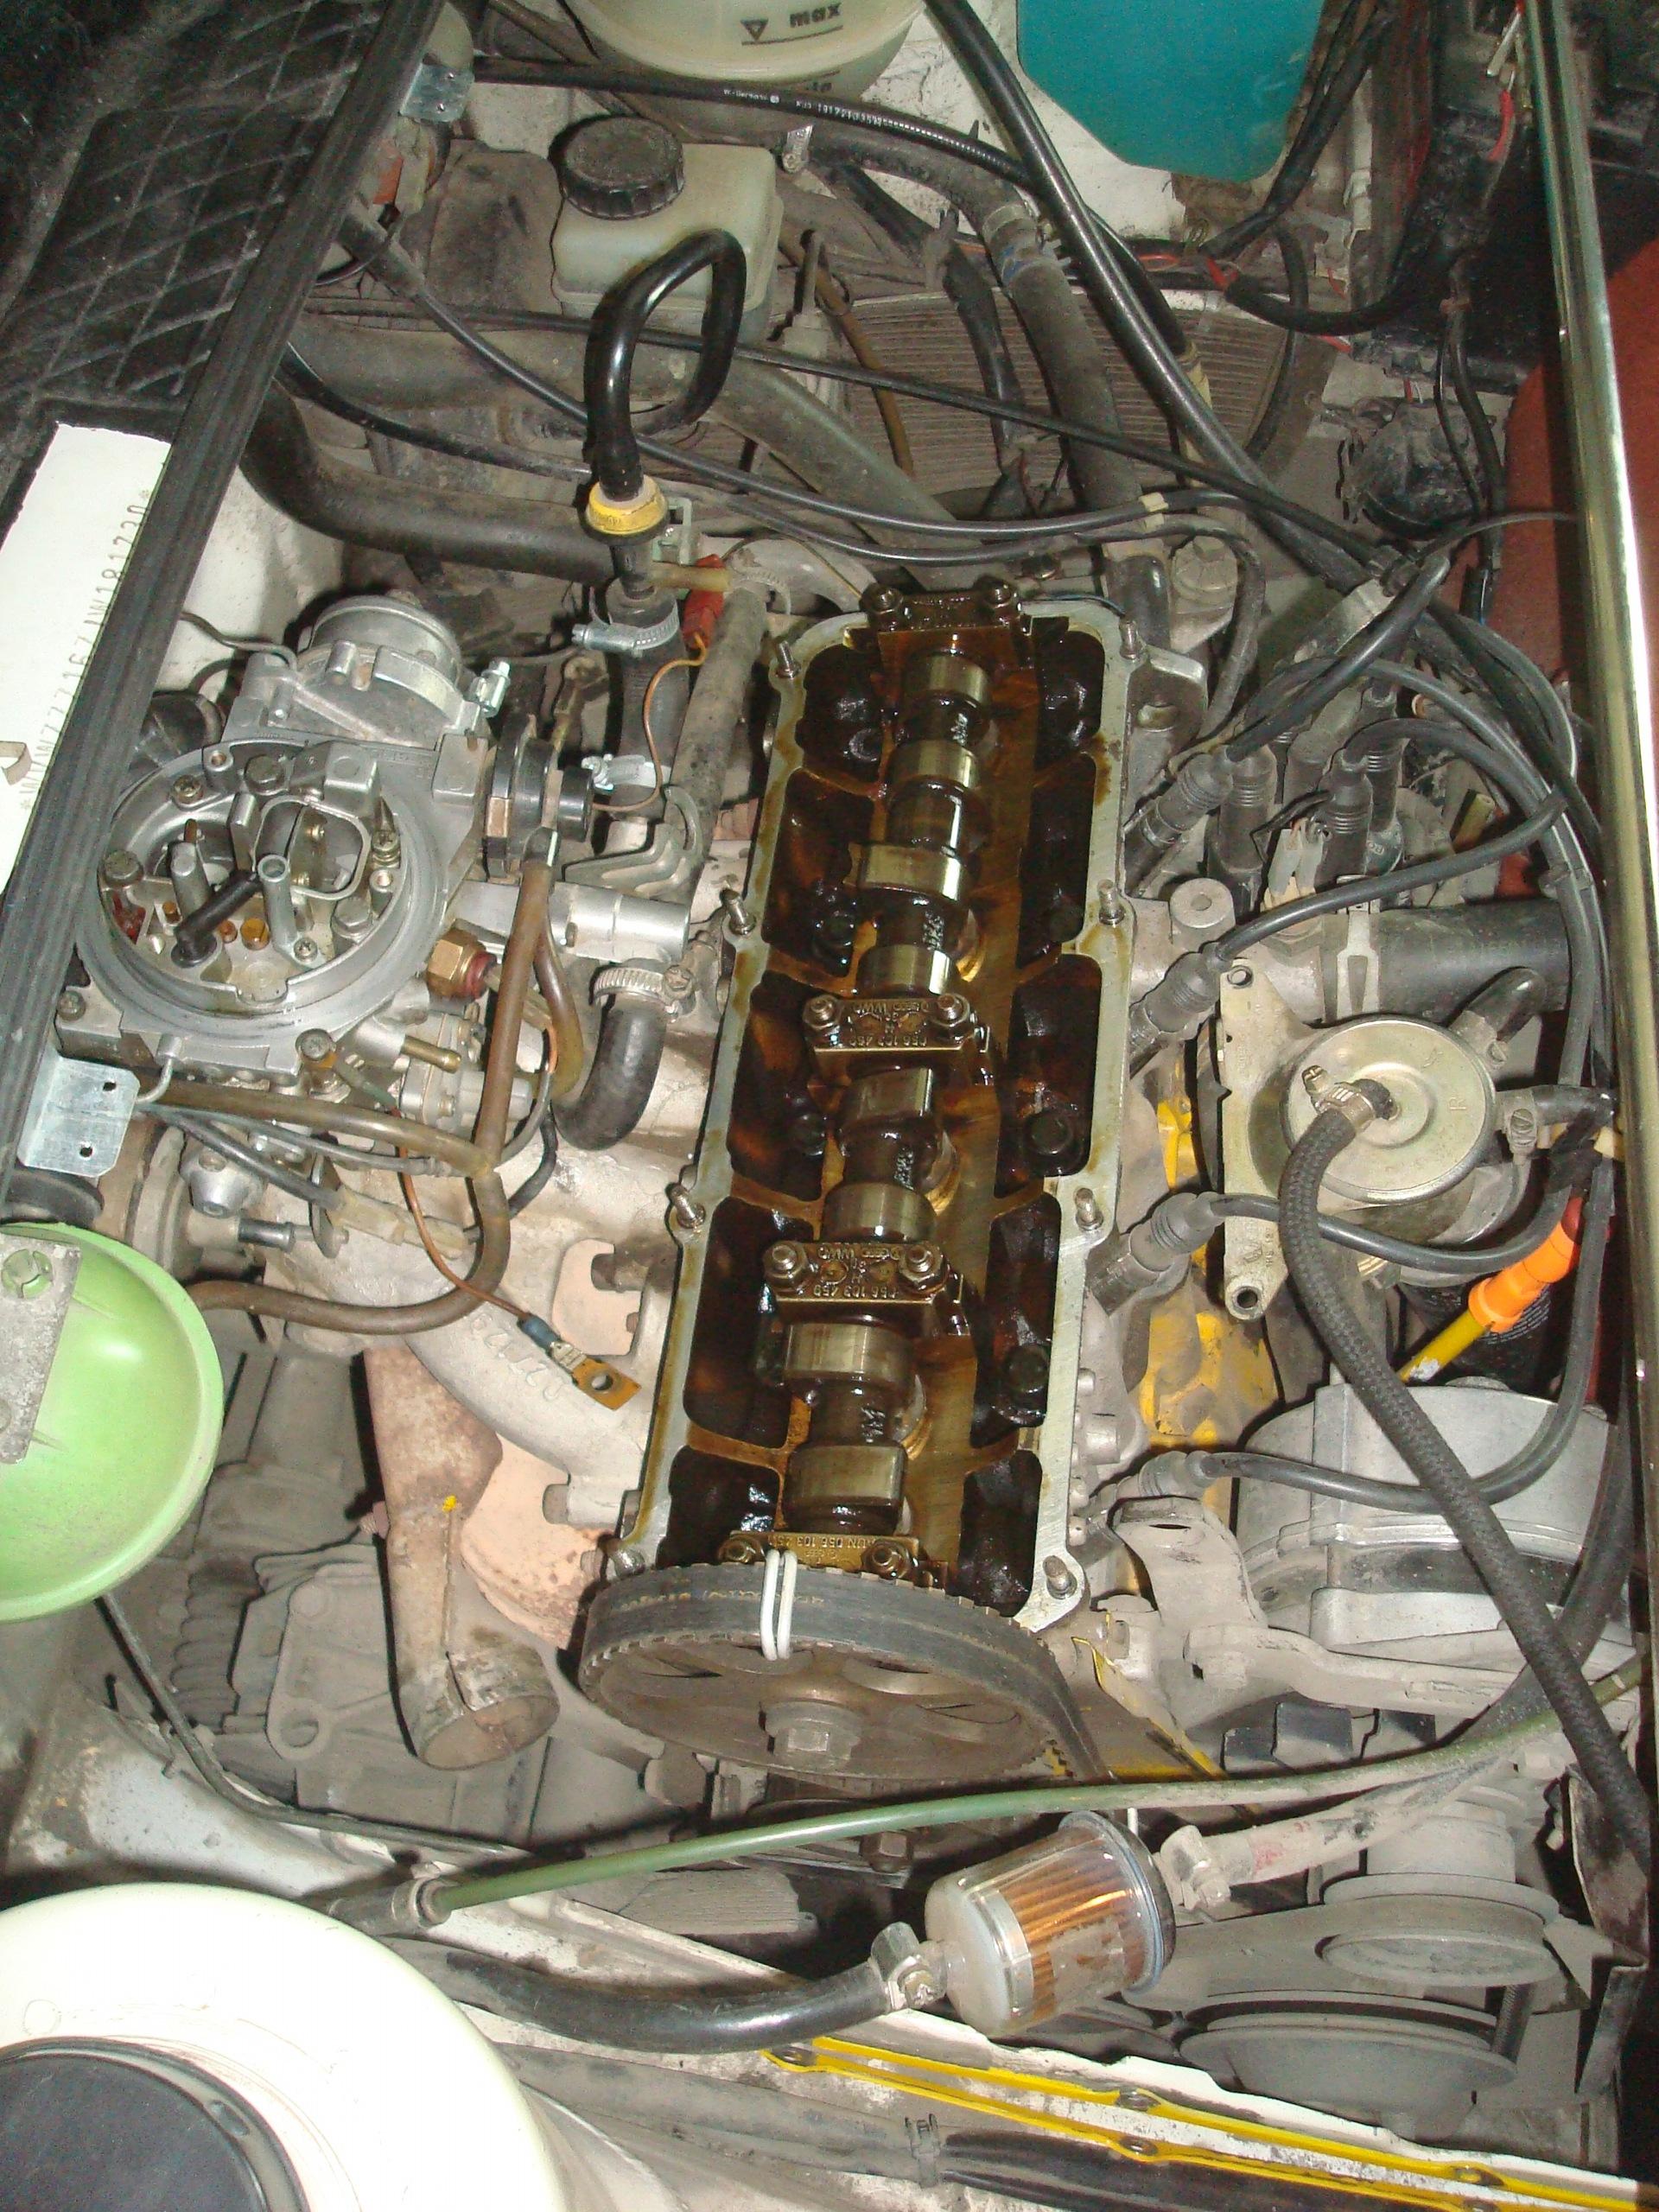 Замена гидрокомпенсаторов на 405 двигателе своими руками 55